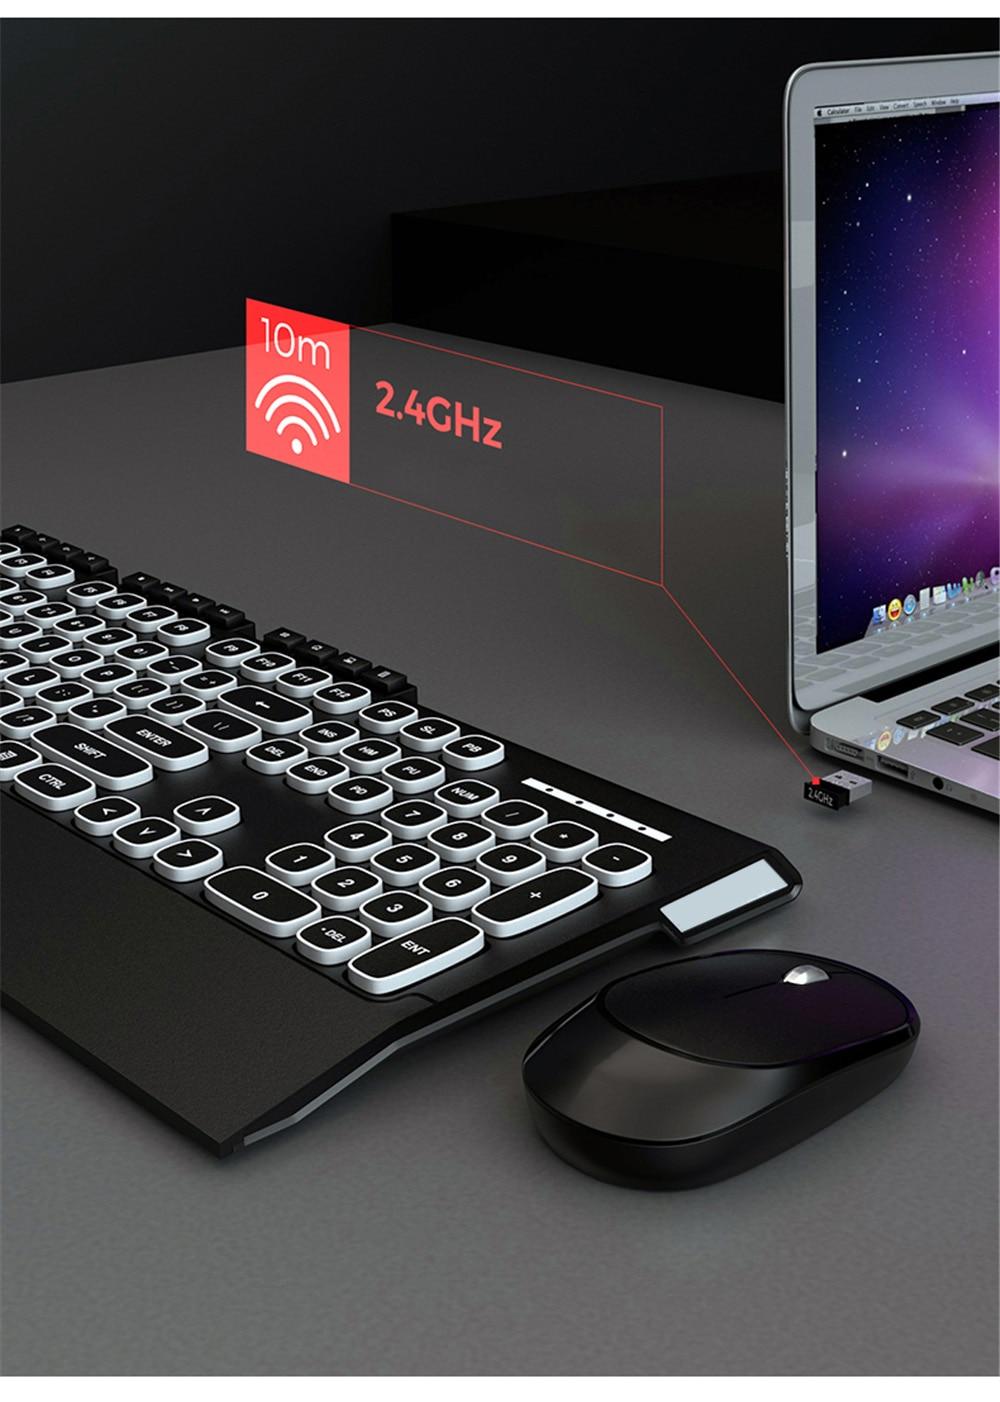 H1ea19d4f5fd14cb1bb78d8275ad61295R  ShopWPH.com  1